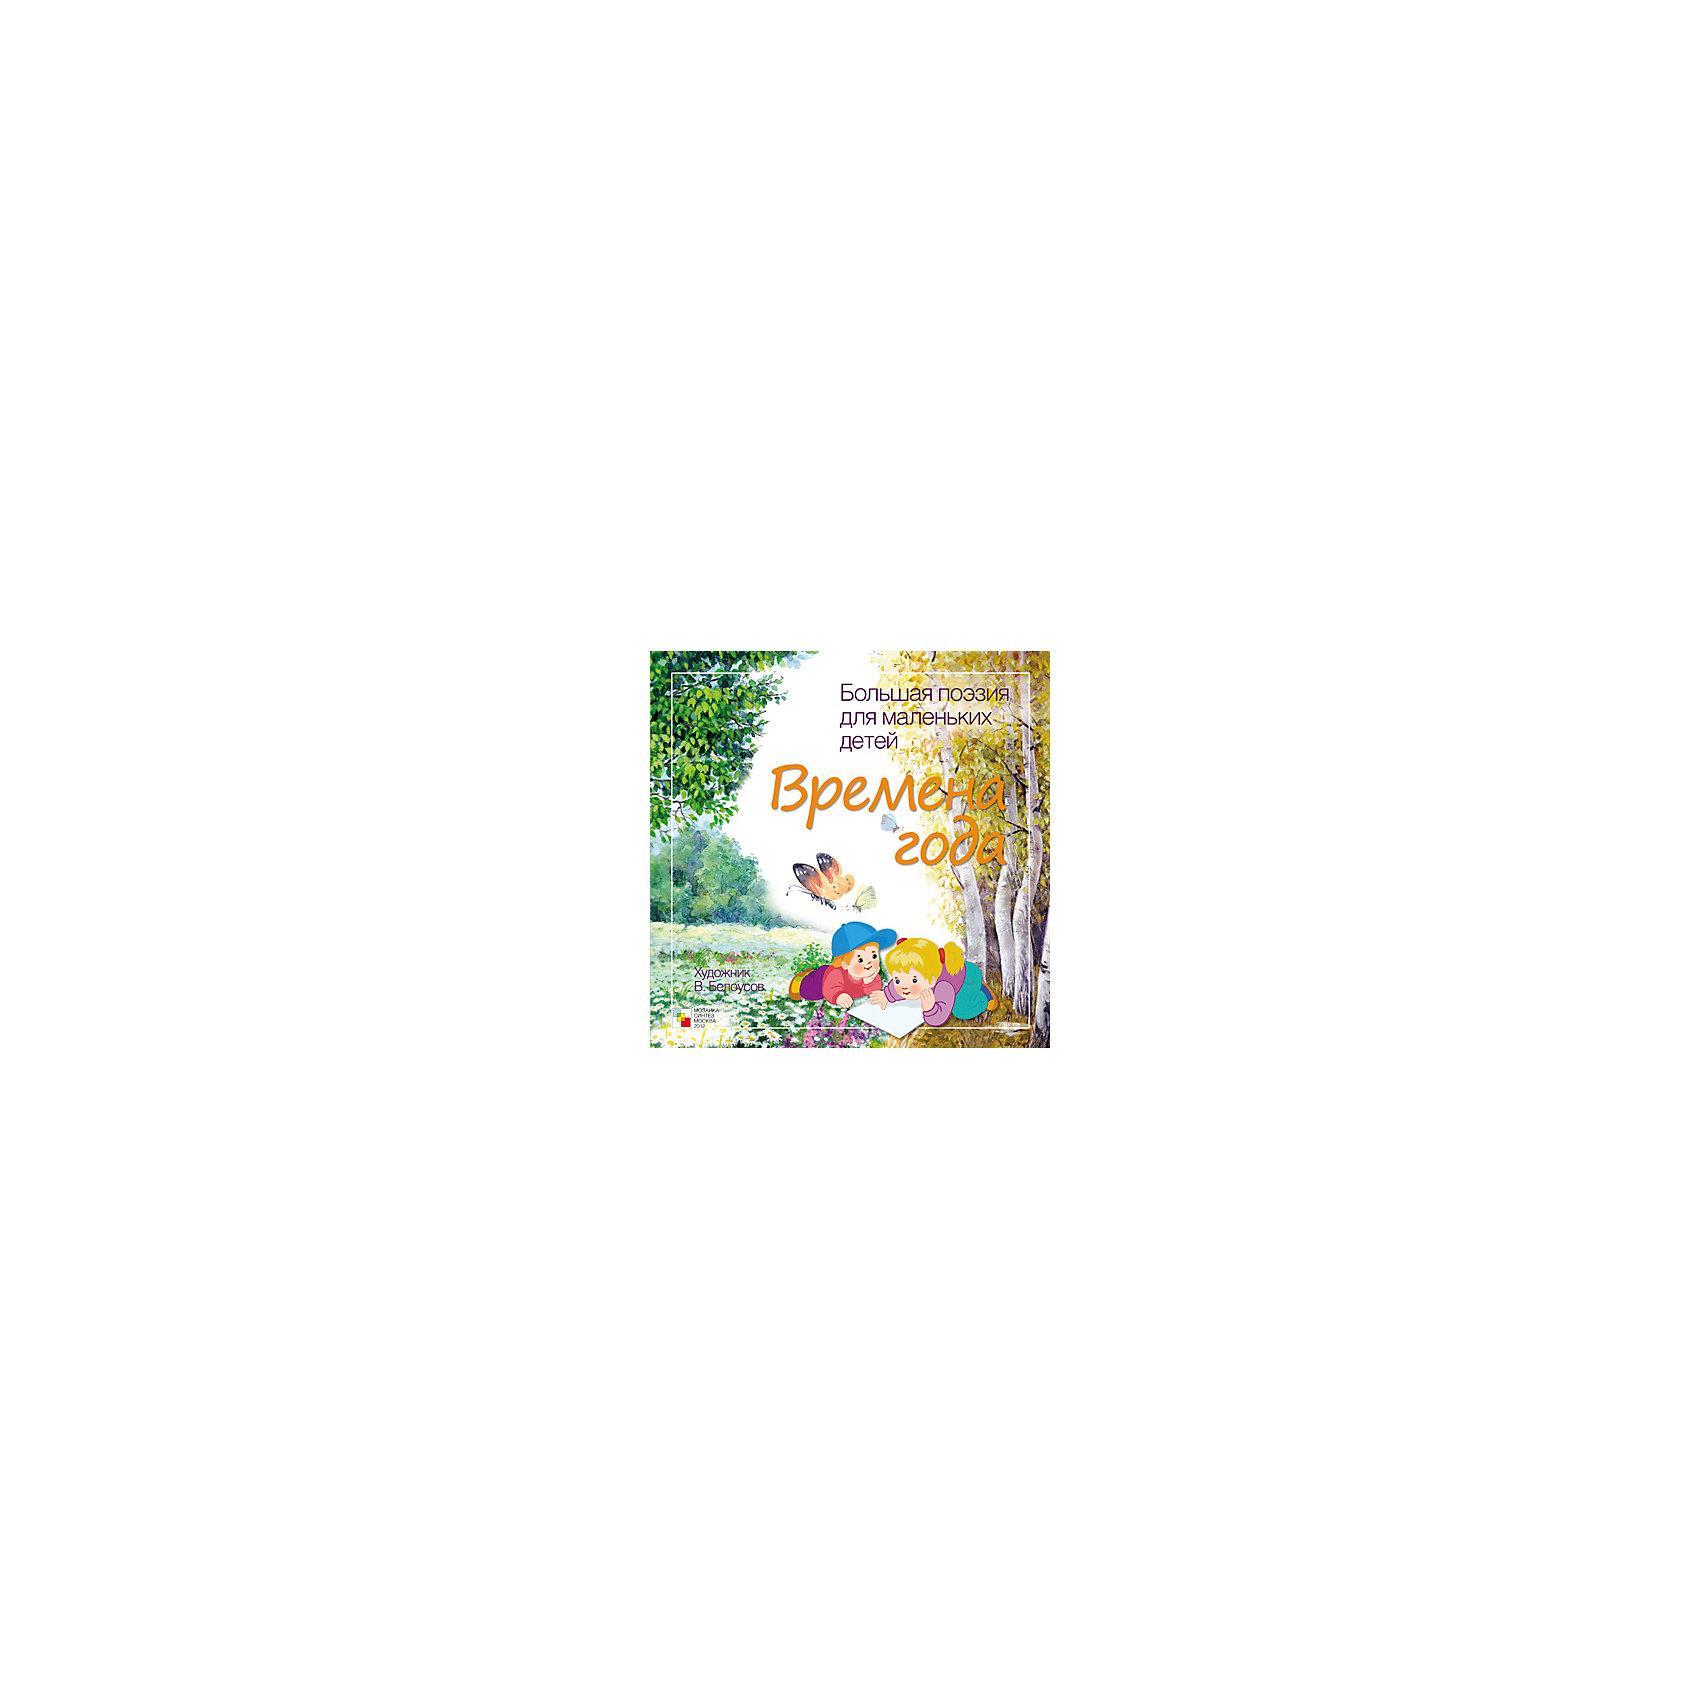 Сборник стихотворений русских классиков Времена годаСтихи<br>Сборник стихотворений русских классиков Времена года.<br><br>Характеристики:<br><br>• Для детей в возрасте: от 3 до 9 лет<br>• Художник: Владимир Белоусов<br>• Издательство: Мозаика-Синтез, 2012<br>• Серия: Большая поэзия для маленьких детей<br>• Тип обложки: 7Б - твердая (плотная бумага или картон)<br>• Оформление: частичная лакировка<br>• Иллюстрации: цветные<br>• Количество страниц:  96 (мелованная)<br>• Размер: 280х281х10 мм.<br>• Вес: 614 гр.<br>• ISBN: 9785867757700<br><br>Все стихи разделены на четыре раздела: зима, весна, лето и осень. Этим темам соответствует и оформление книги, богатое и красочное. Каждый разворот – это великолепный акварельный пейзаж. Чудесные иллюстрации и гармоничное звучание стихотворных строк формирует у малыша интерес к книгам и побуждает его к самостоятельному чтению. Самым маленьким будут читать взрослые, ведь слушать поэтические произведения очень важно с самого детства. Книга Времена года, объединяет все книги серии Большая поэзия для маленьких детей в одну.<br><br>Сборник стихотворений русских классиков Времена года можно купить в нашем интернет-магазине.<br><br>Ширина мм: 100<br>Глубина мм: 280<br>Высота мм: 281<br>Вес г: 614<br>Возраст от месяцев: 36<br>Возраст до месяцев: 84<br>Пол: Унисекс<br>Возраст: Детский<br>SKU: 5523218